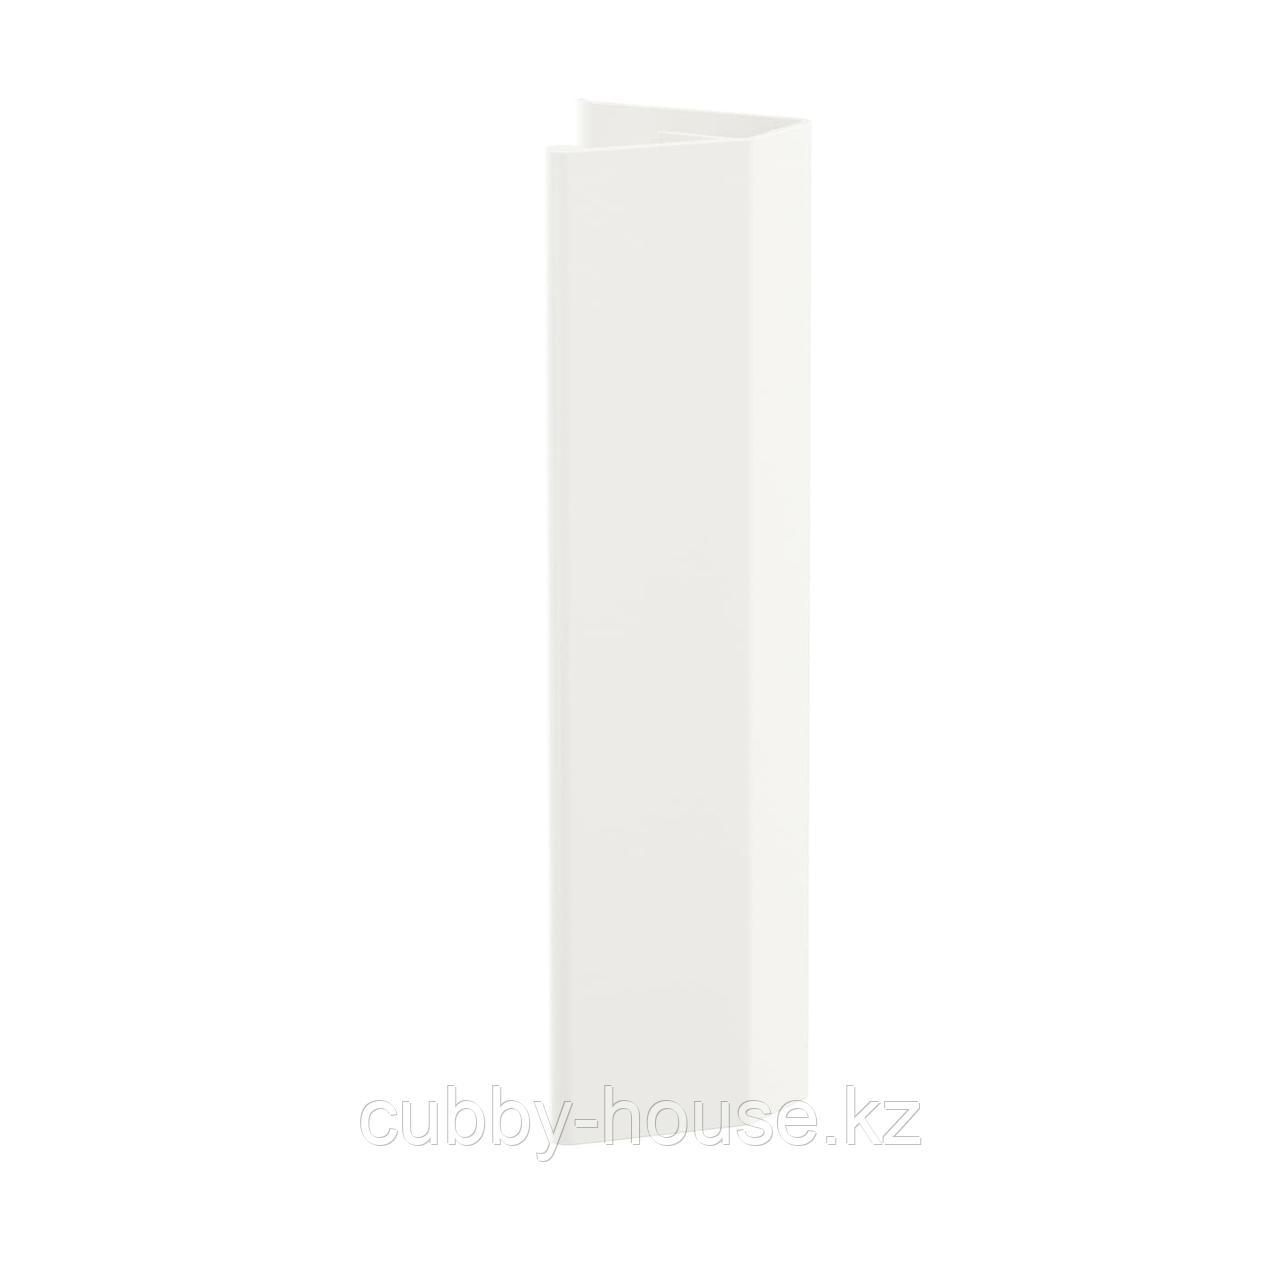 ЛЭТТХЕТ Ручка, белый, 13 см